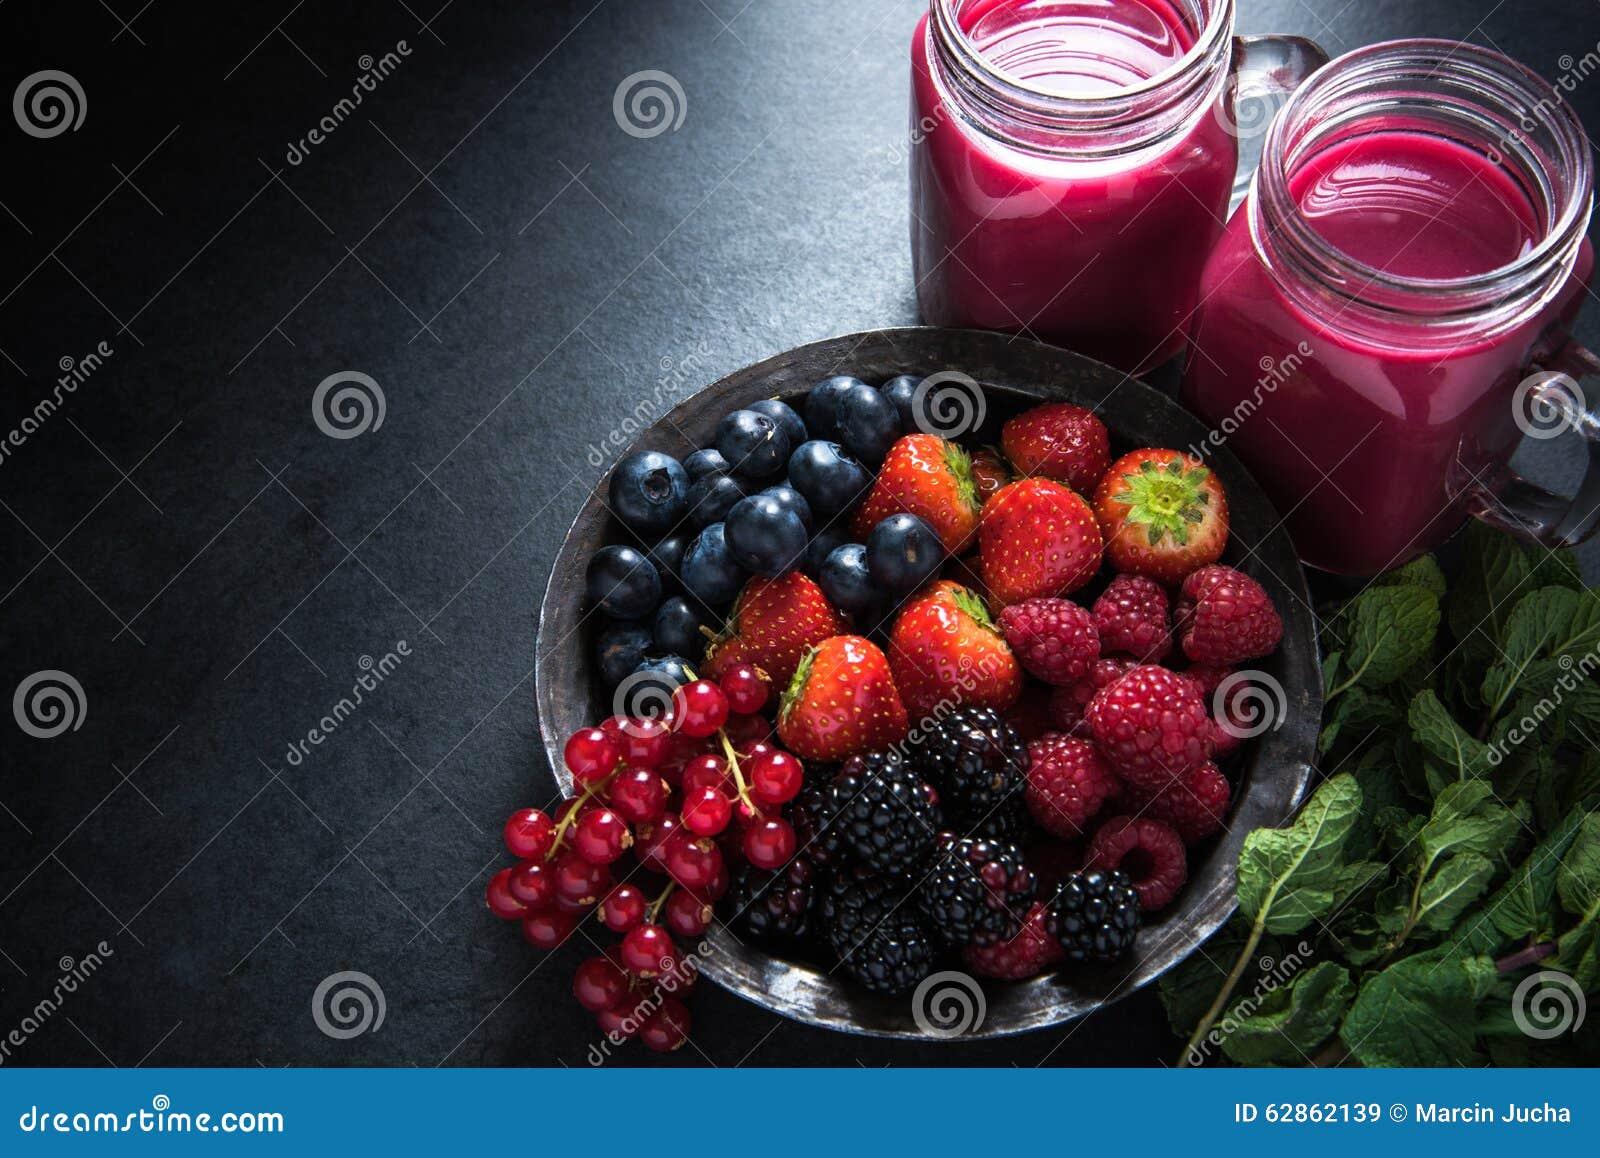 Antiossidante tutto il frullato della frutta di bacche